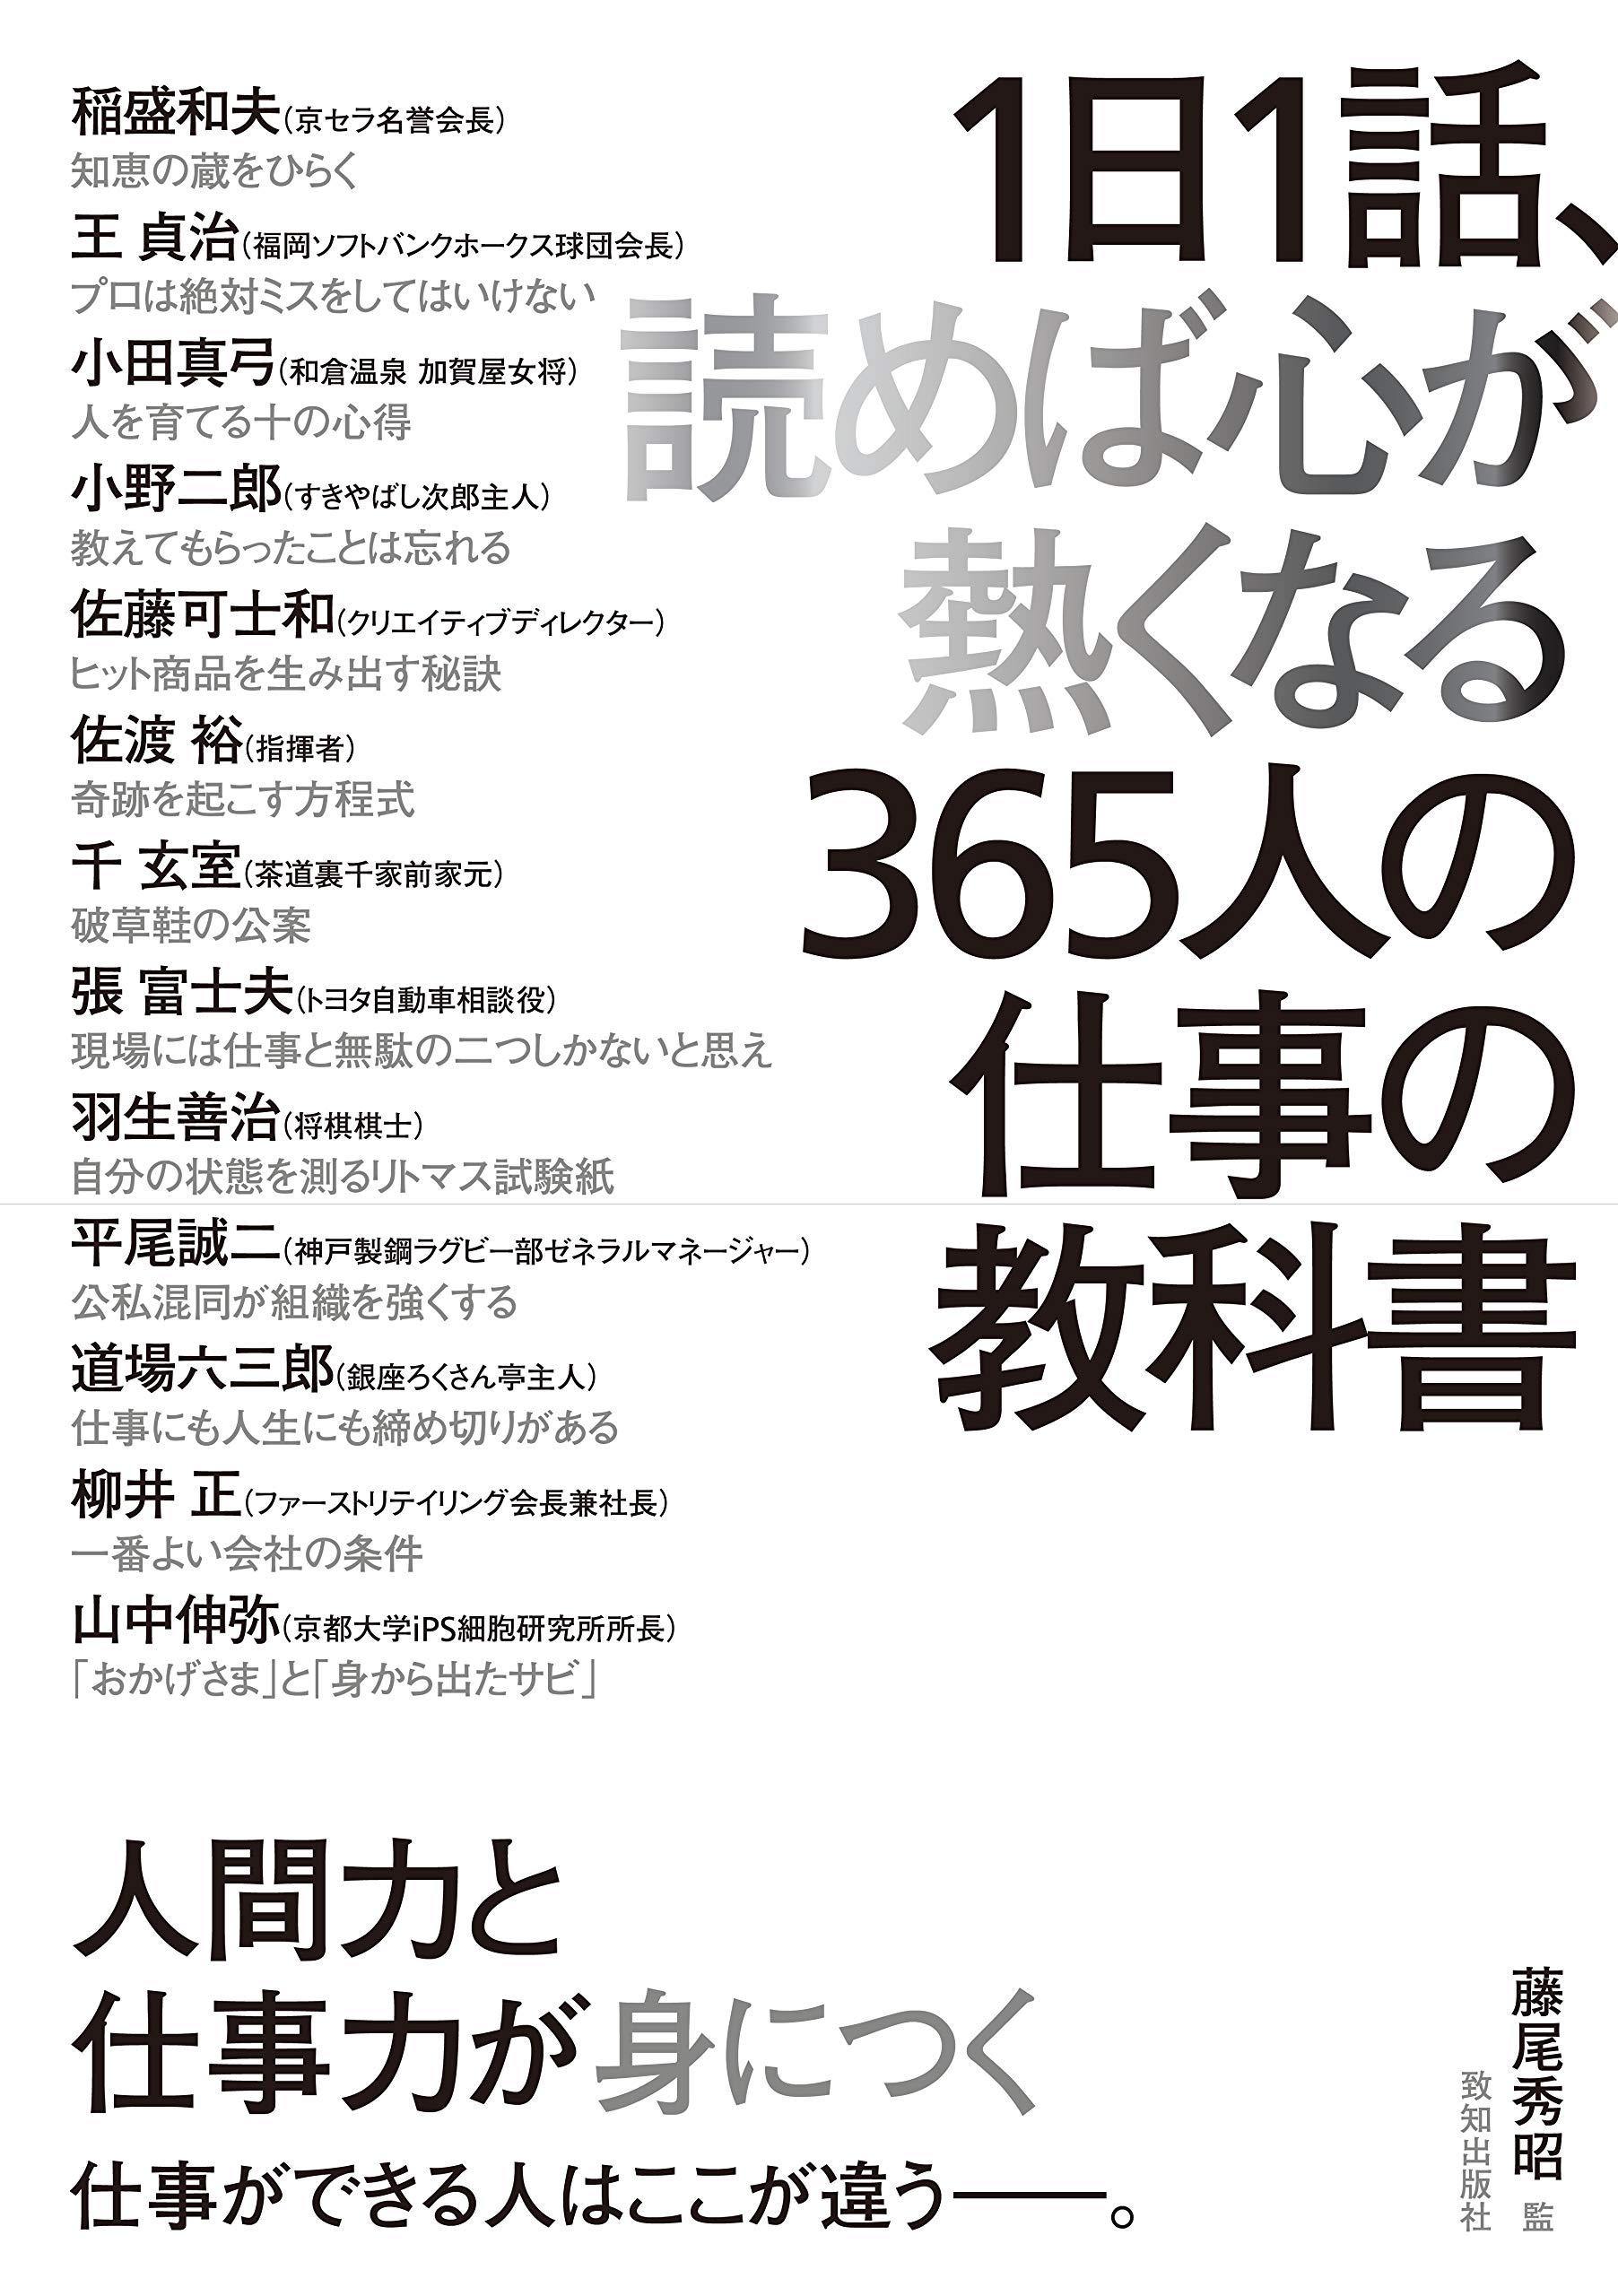 1日1話、読めば心が熱くなる365人の仕事の教科書 監修:藤尾秀昭